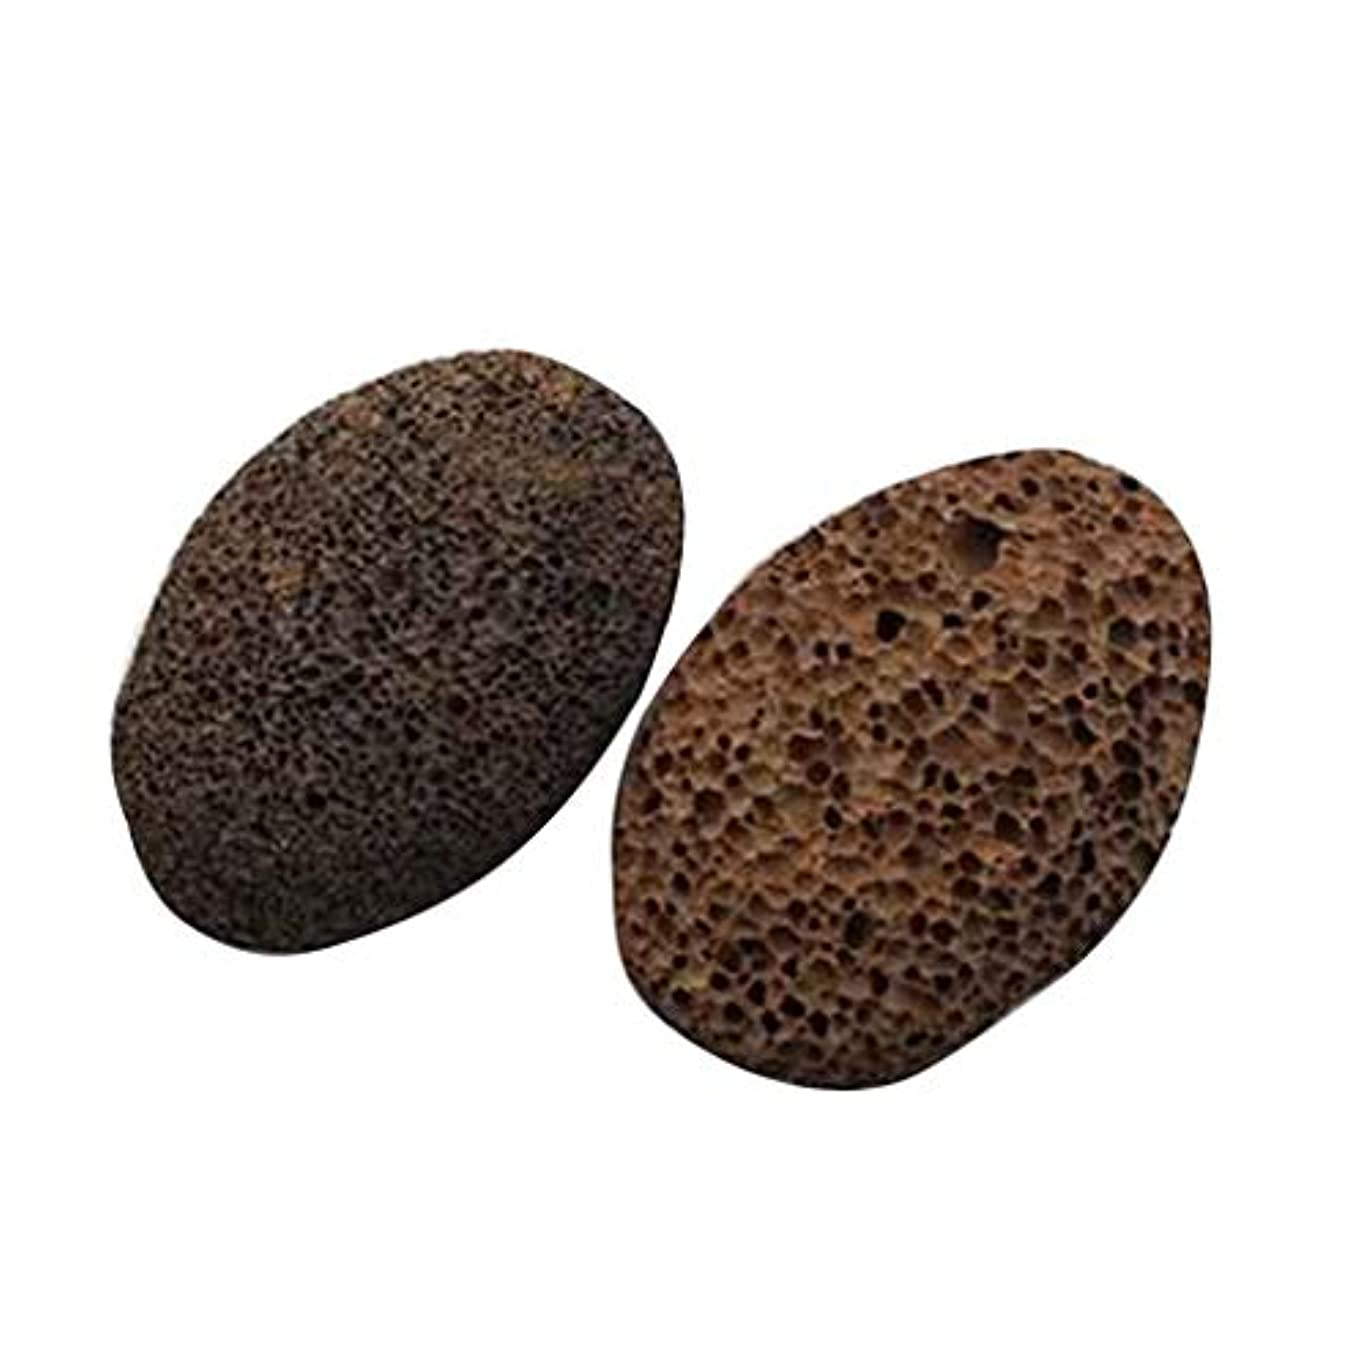 ディスクフラスコナインへNerhaily 死んだ皮軽石を取り除き 足石を挽いて 自然の火山石を剥がします 足マッサージ石 ワイプ足石 2個セット